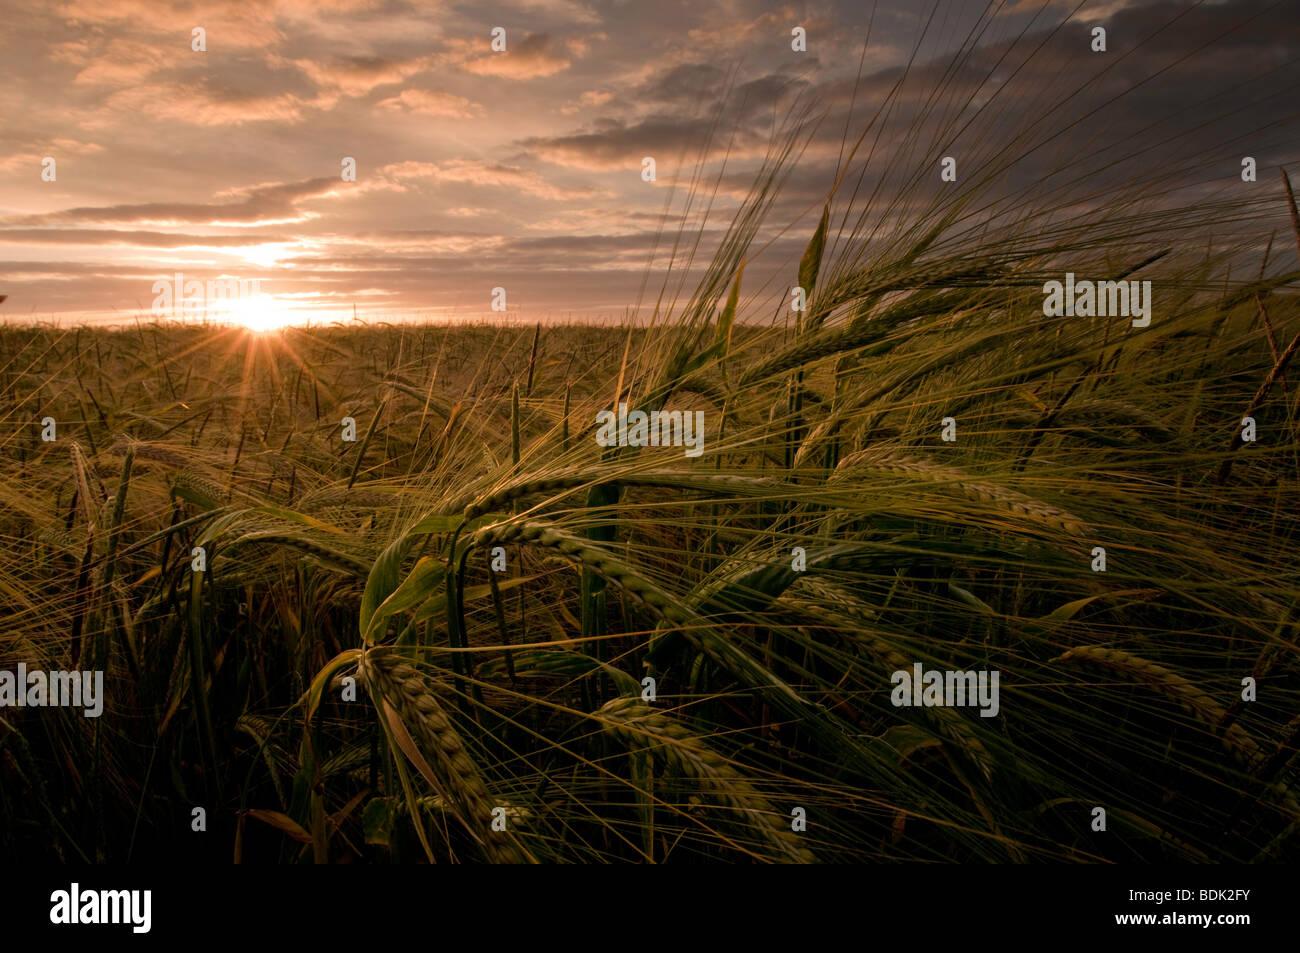 Cebada maíz creciendo en los South Downs, Inglaterra Imagen De Stock